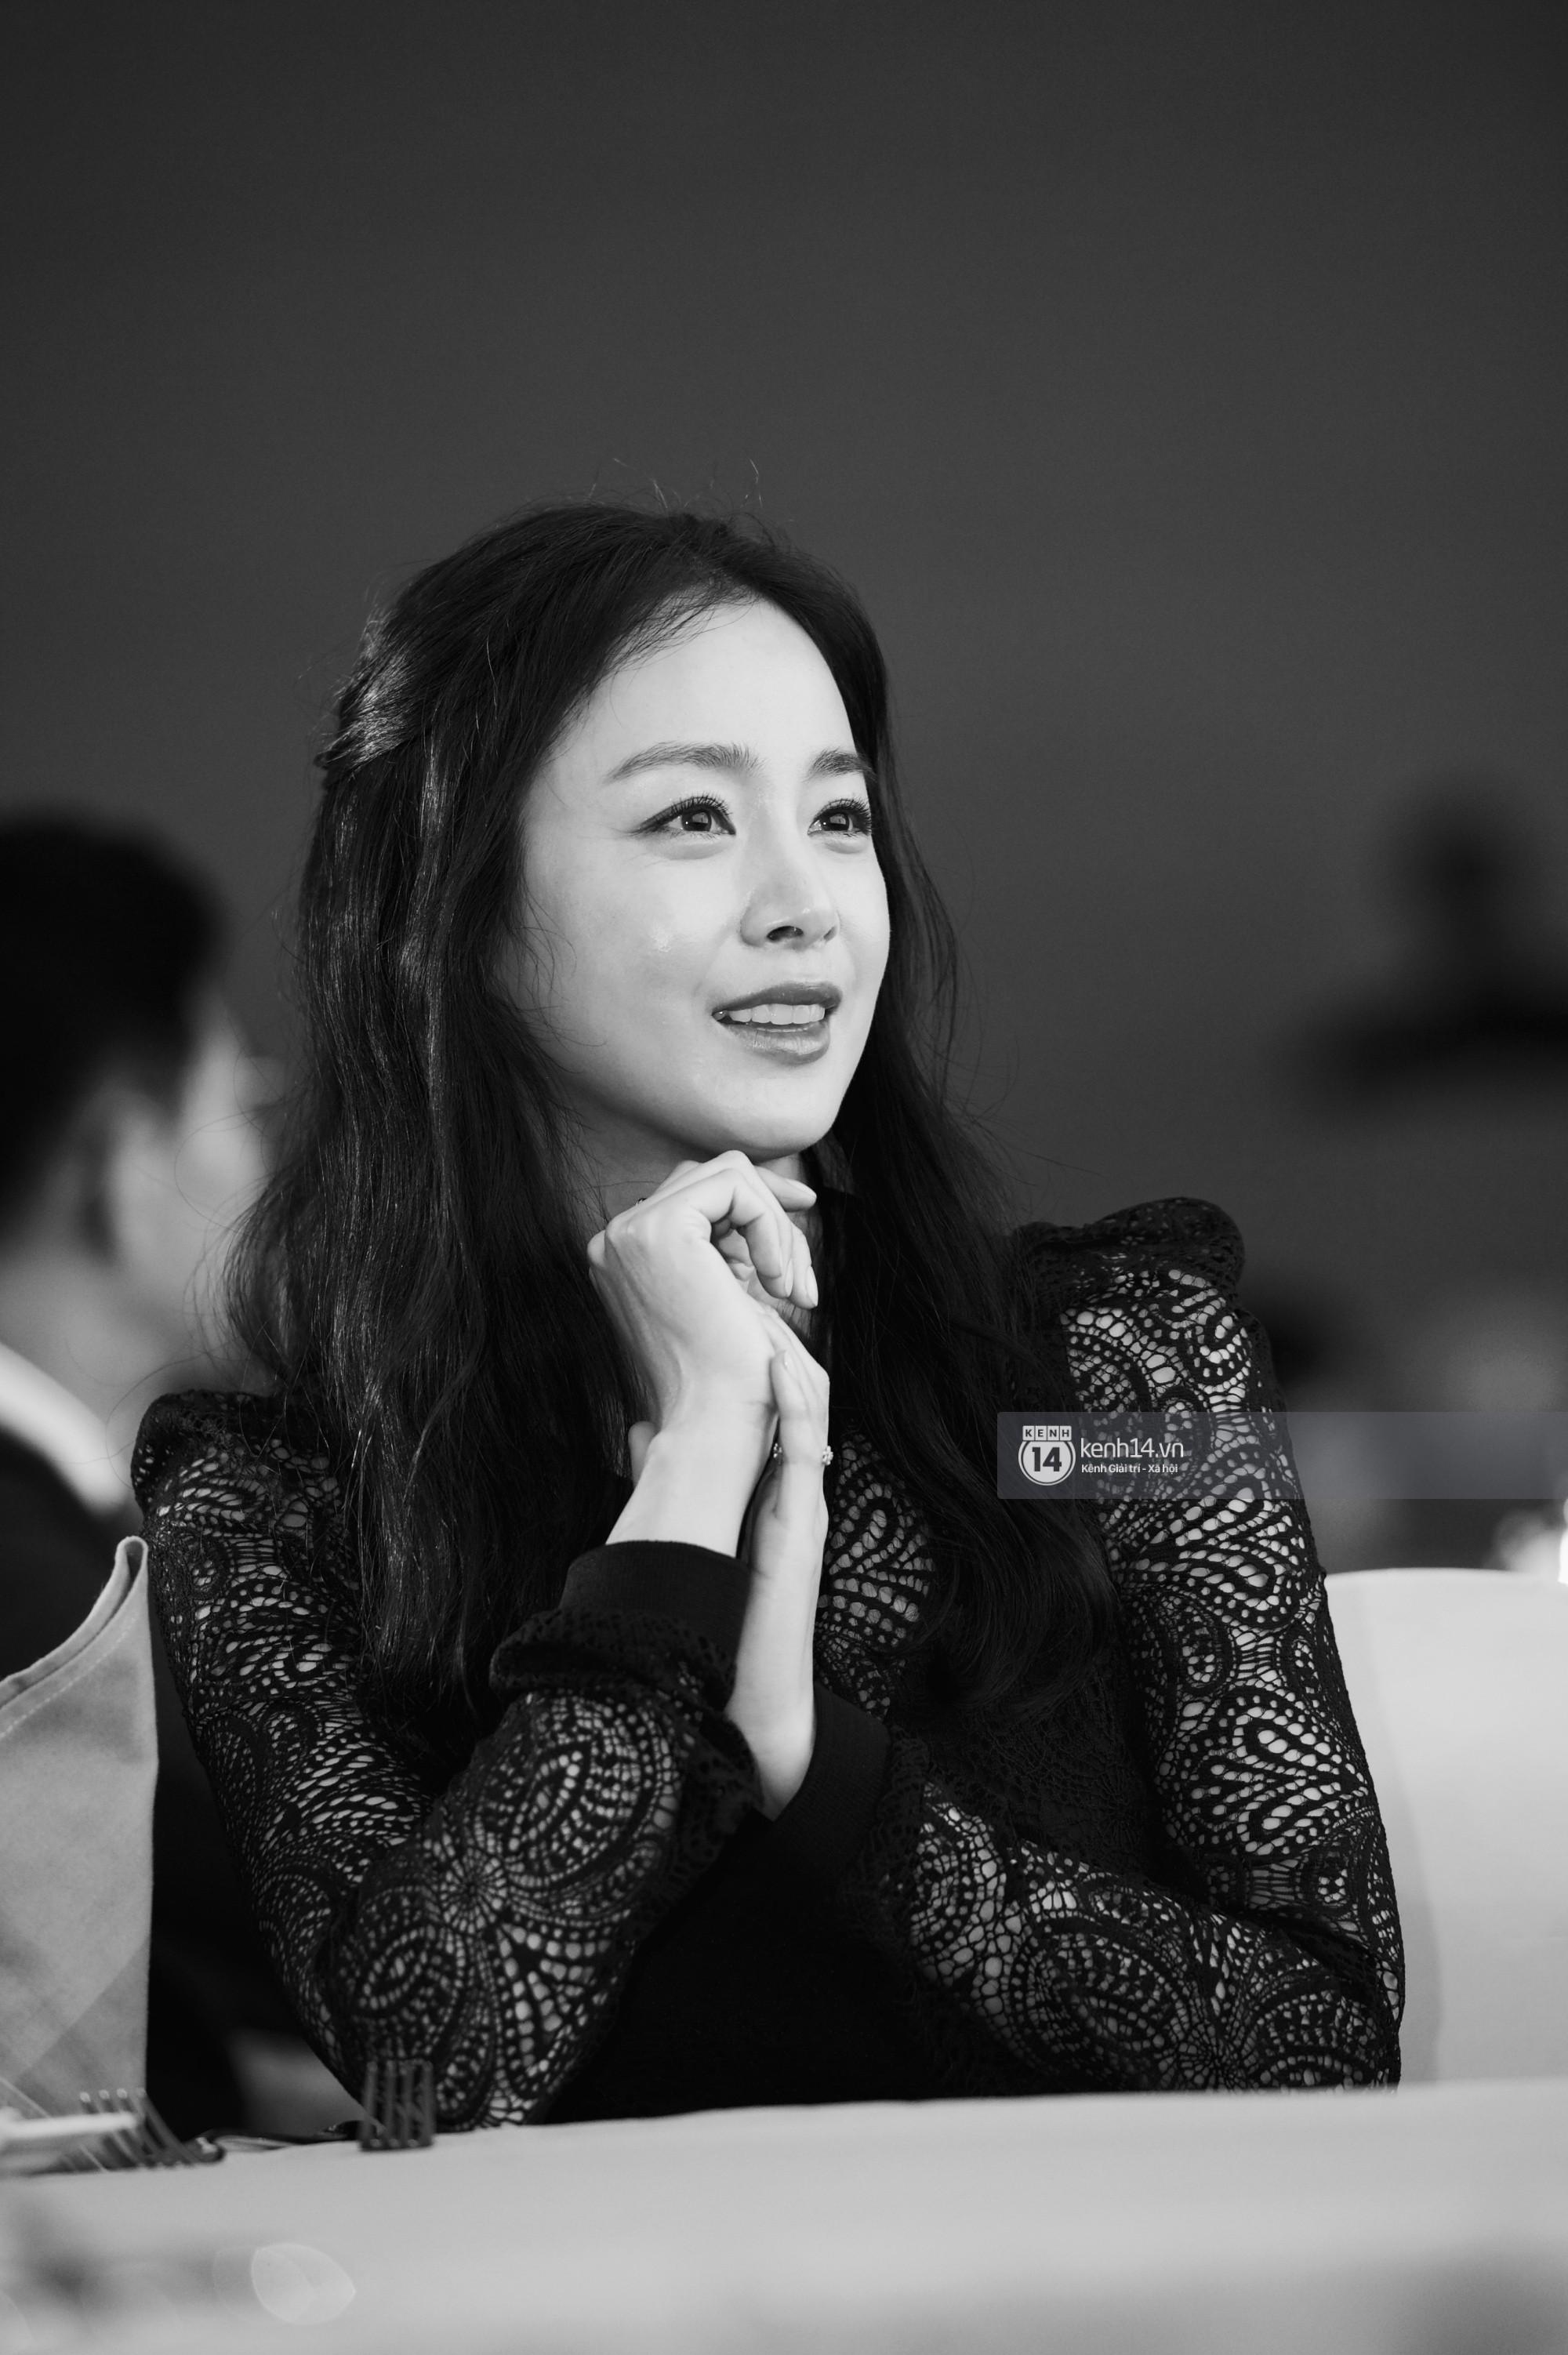 Bộ ảnh đẹp nhất của Kim Tae Hee tại đêm tiệc Hàn ở Hà Nội: Khoảnh khắc minh tinh châu Á hút hồn toàn bộ khán phòng-10